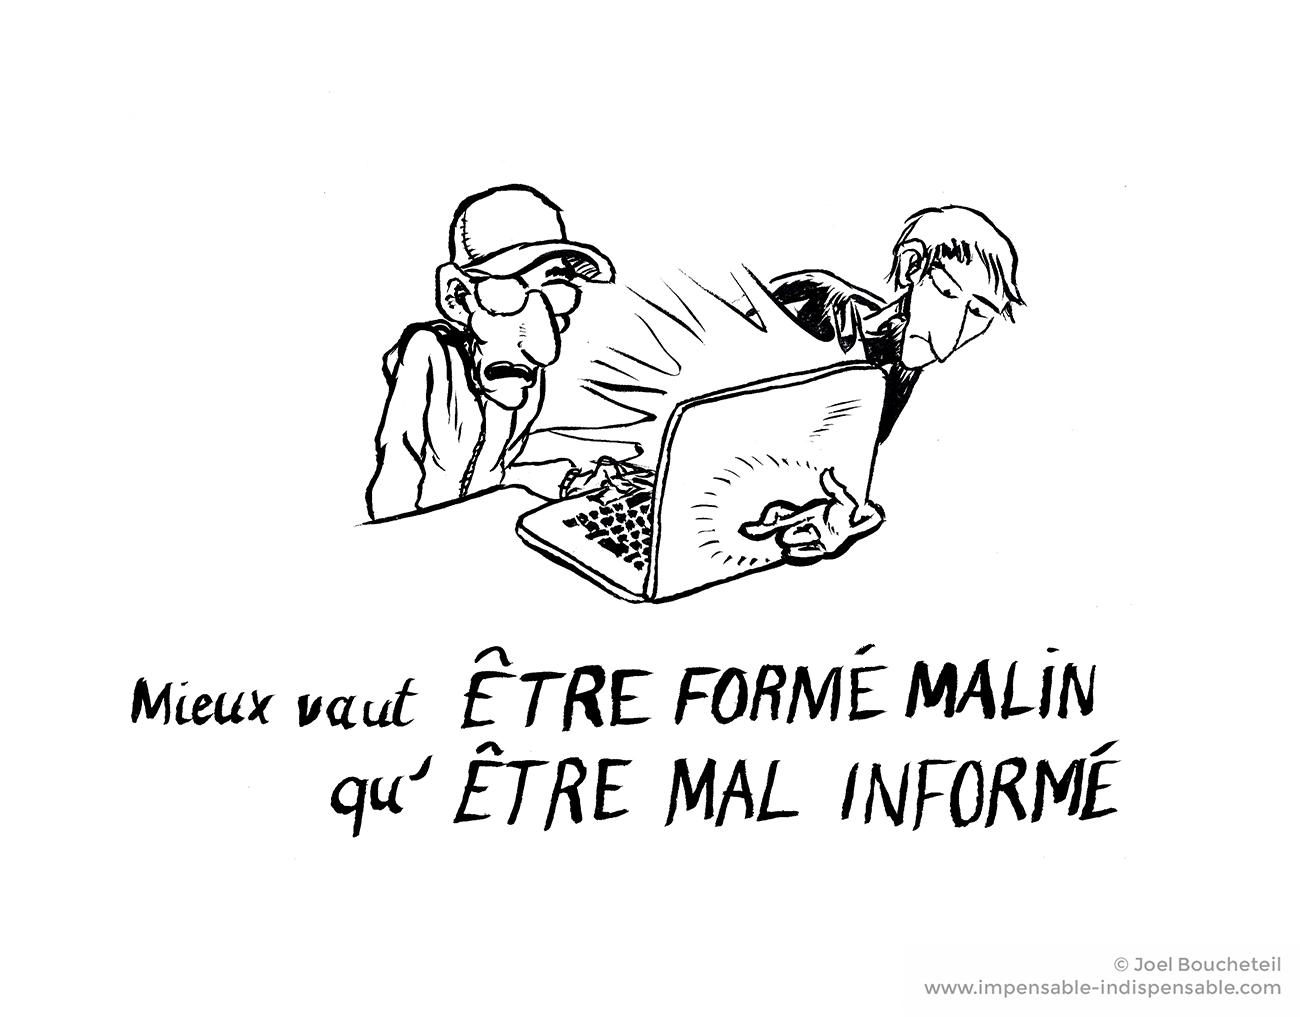 former_malin